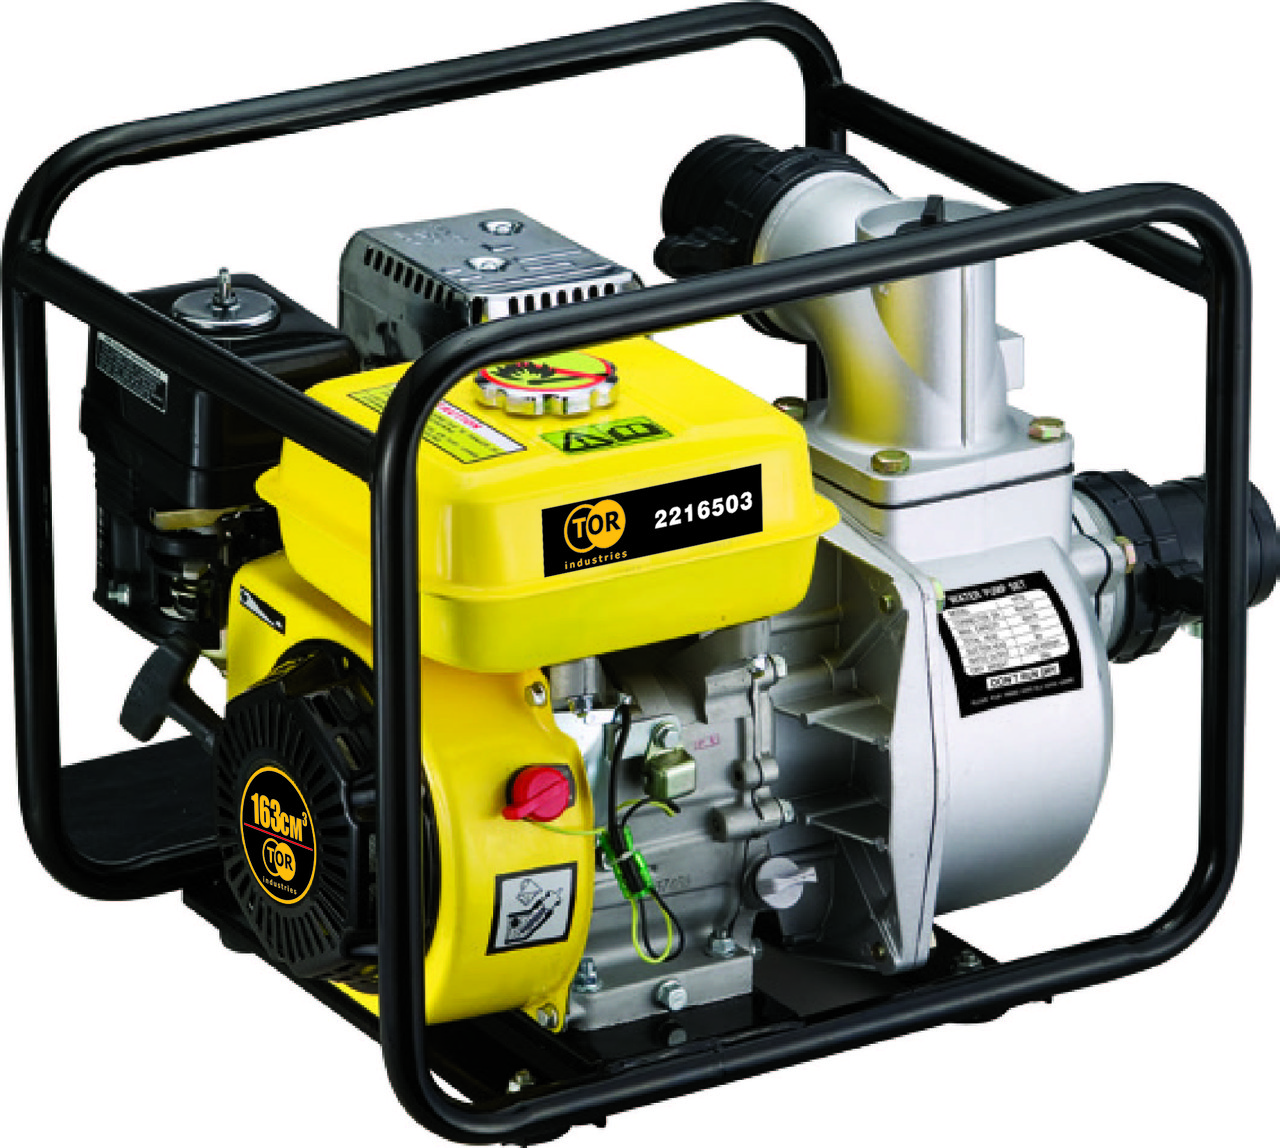 Мотопомпа бензиновая для чистой воды TOR TR30X